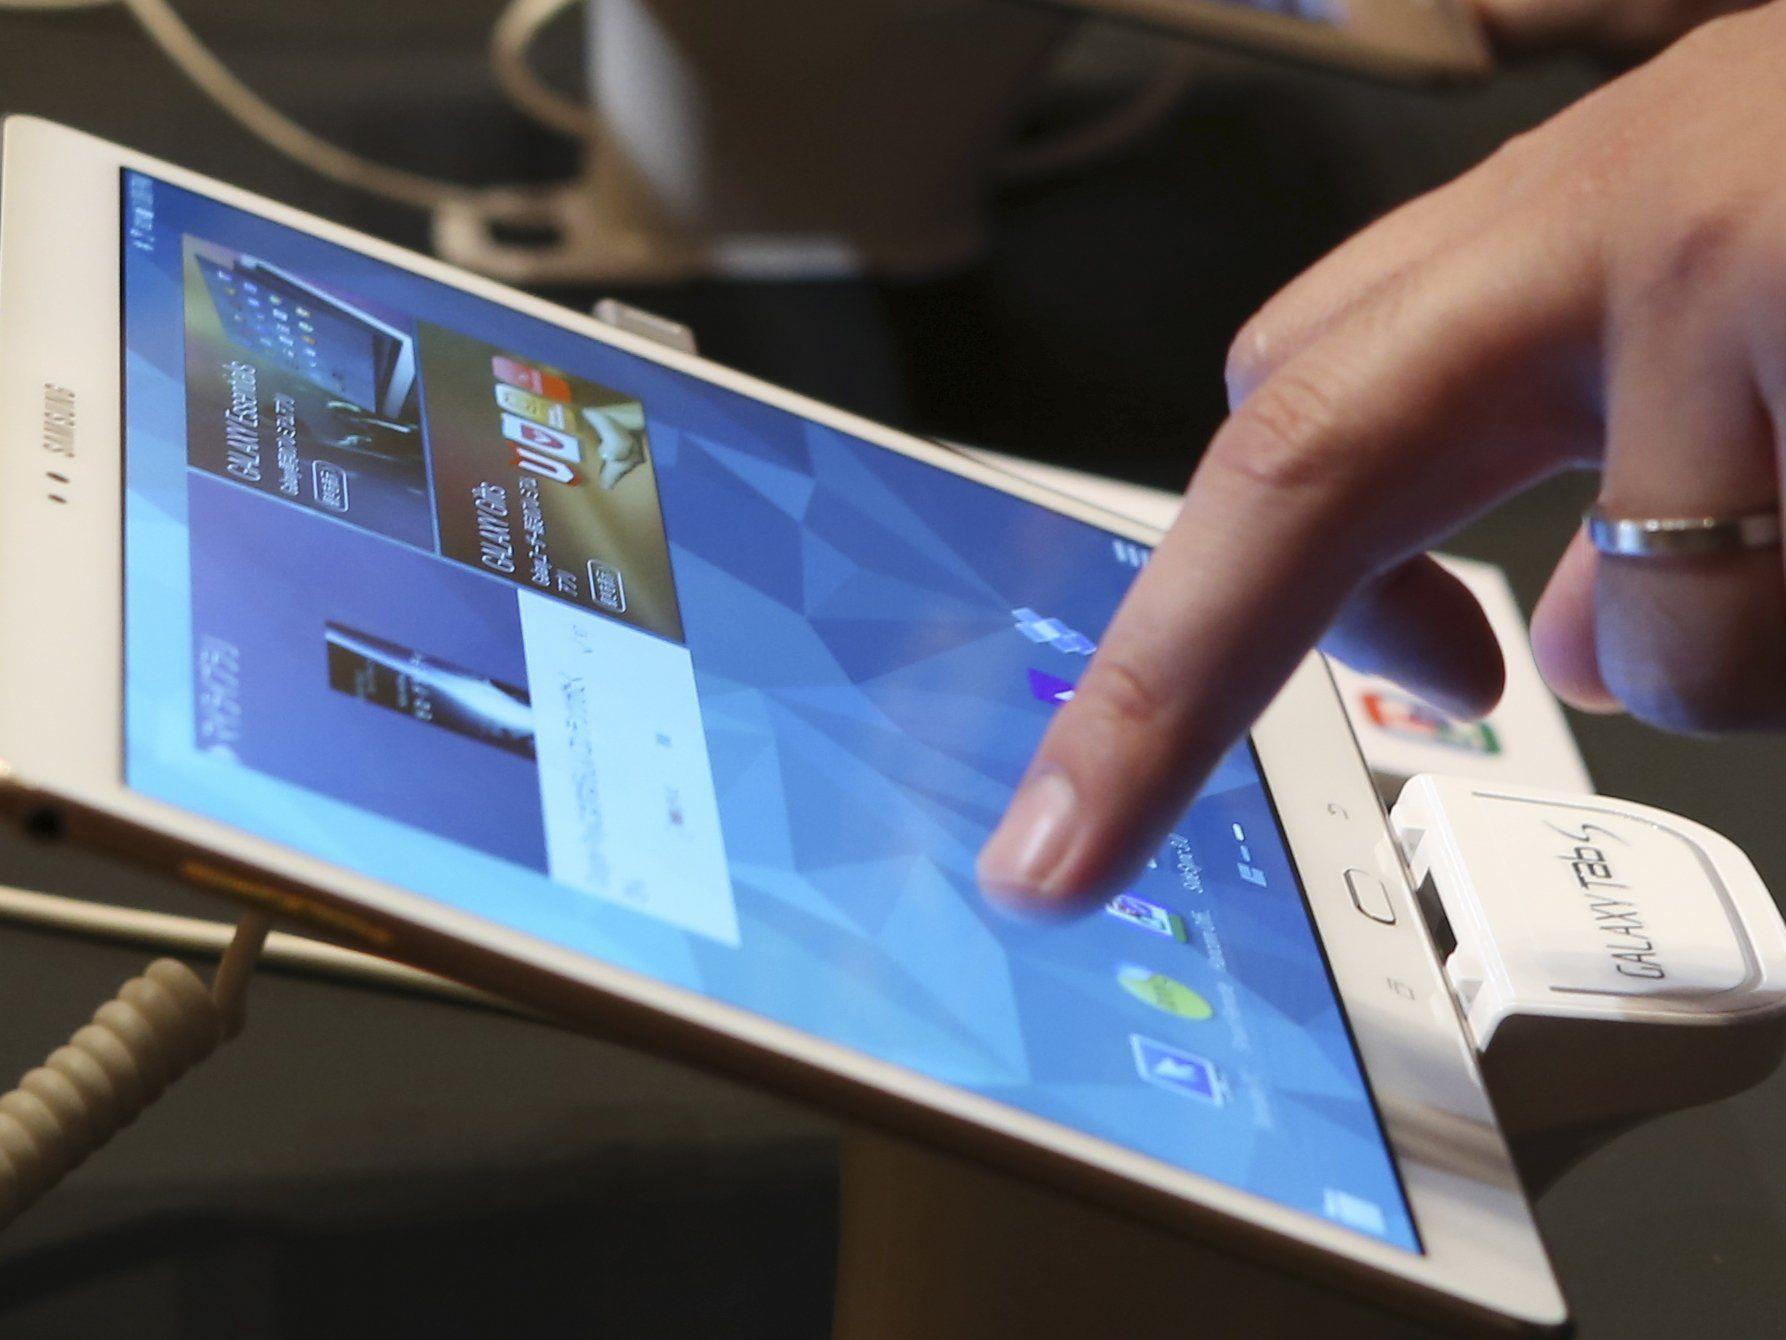 In Asien drückt das Interesse für Smartphones und Tablets deutlich auf den PC-Absatz.